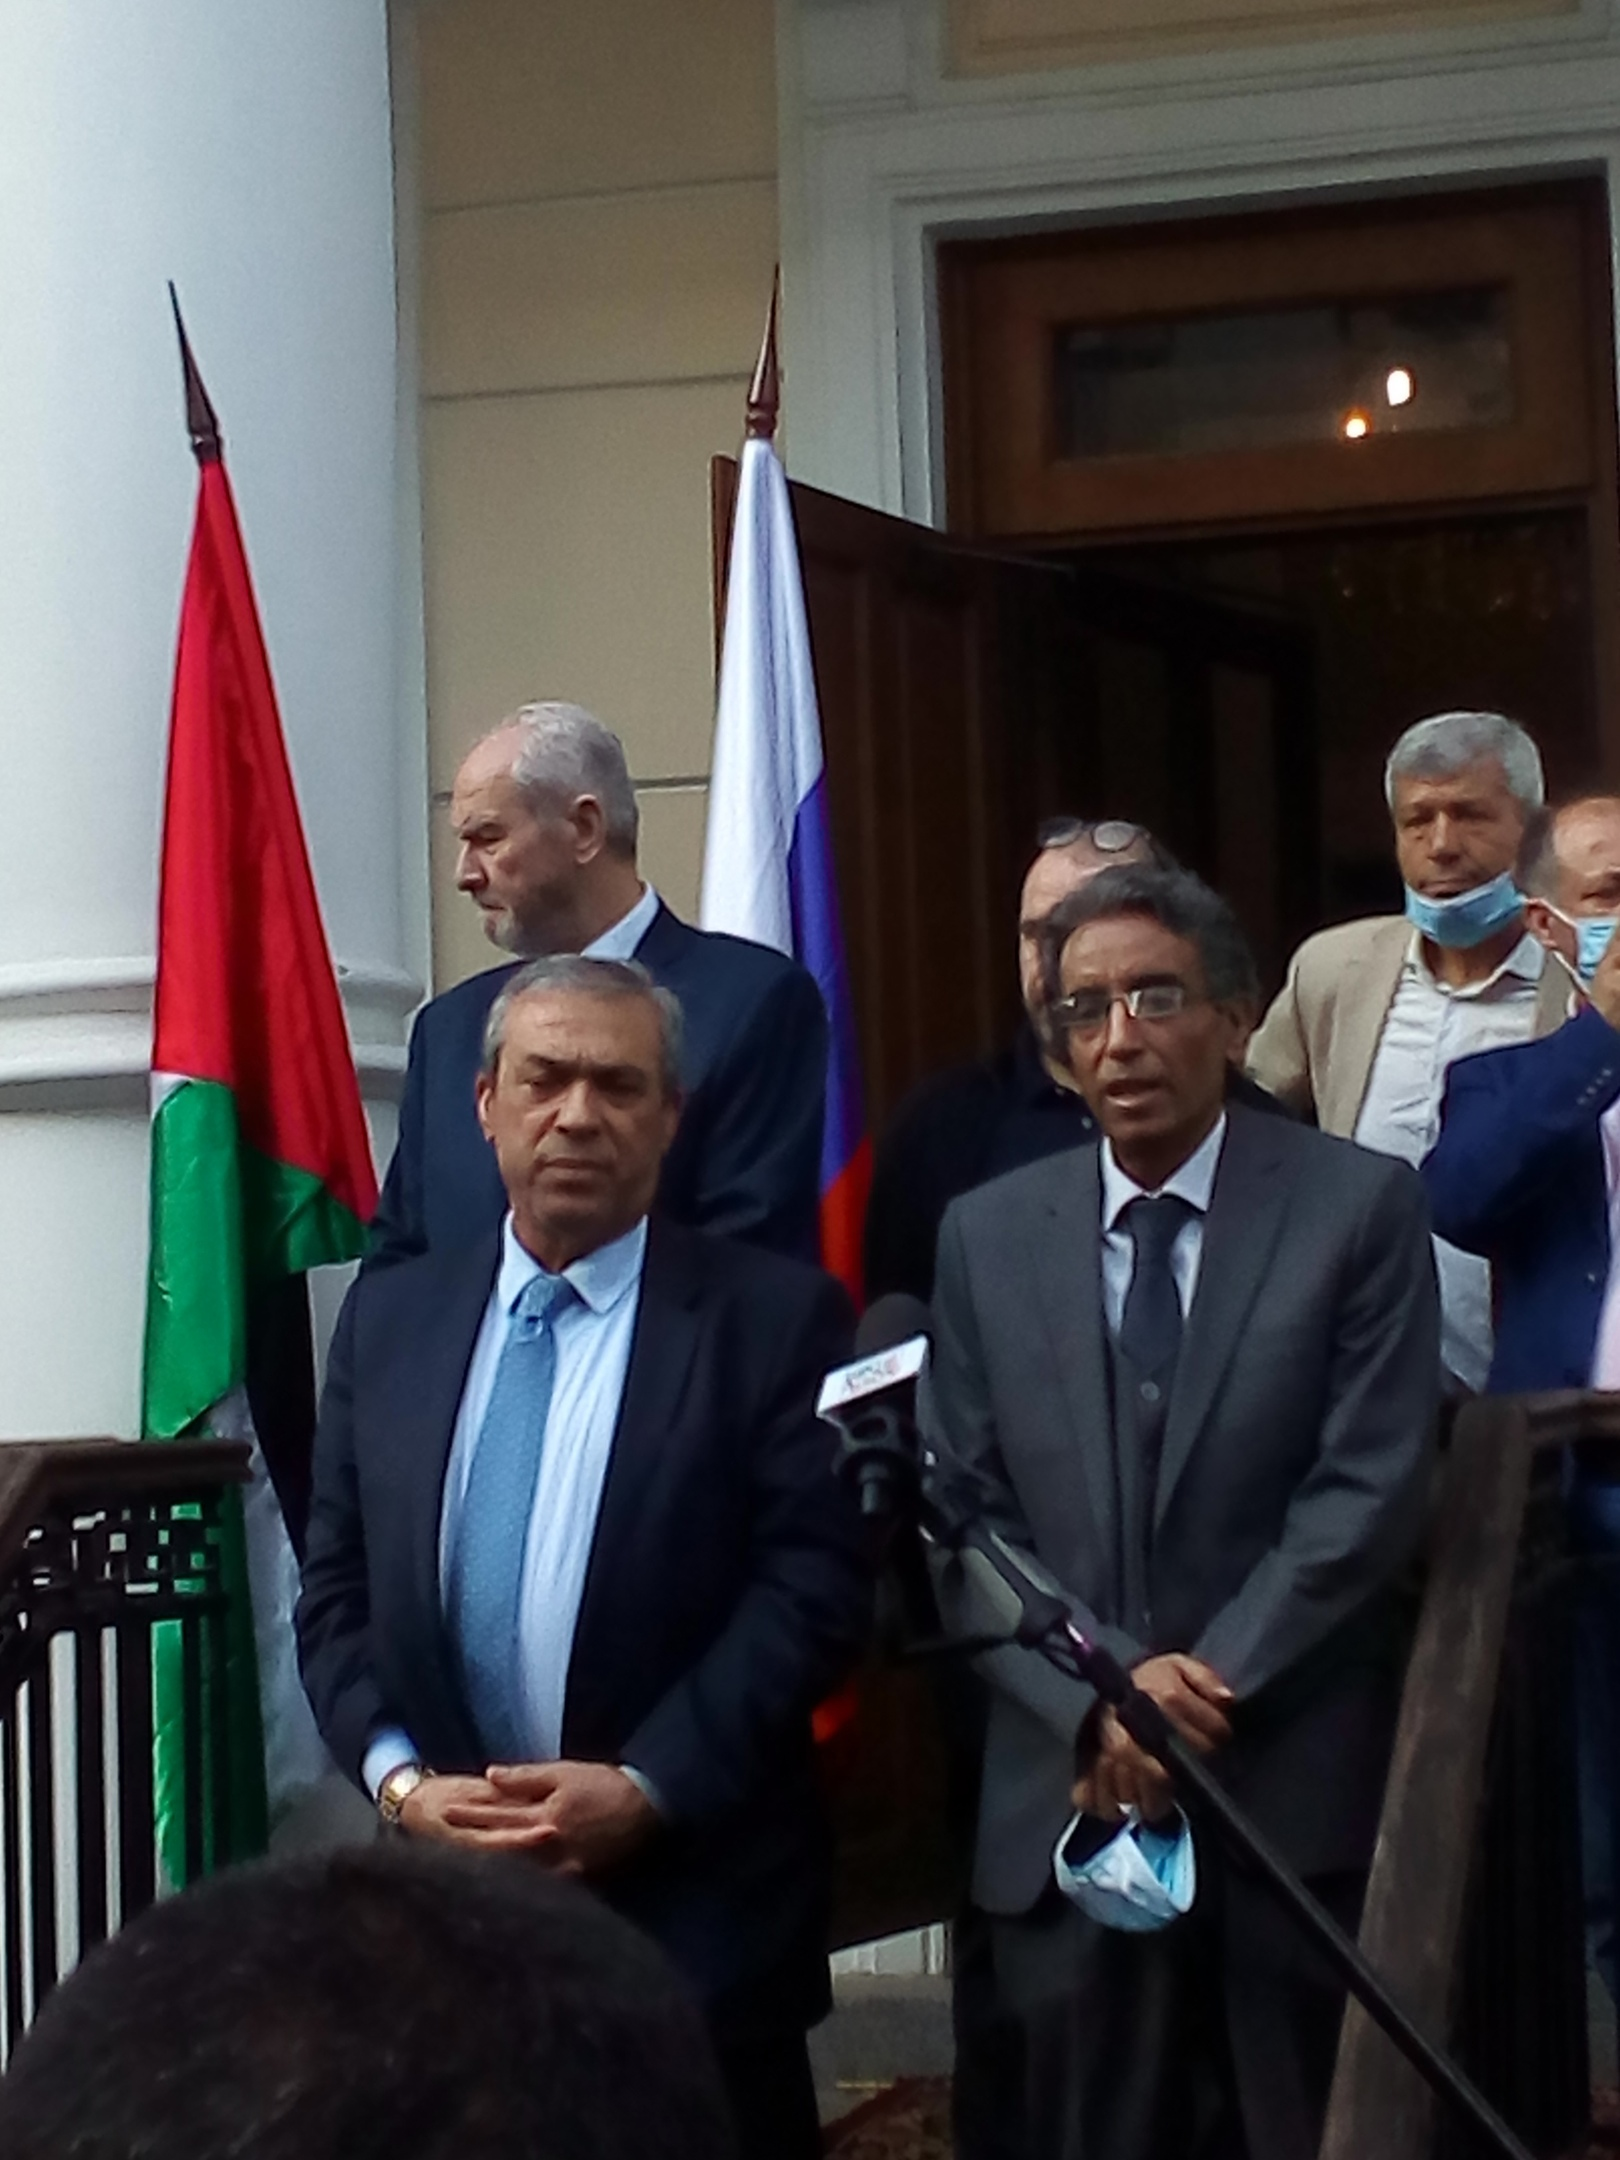 Посол Палестины в России Абдель Хафиз Нофаль